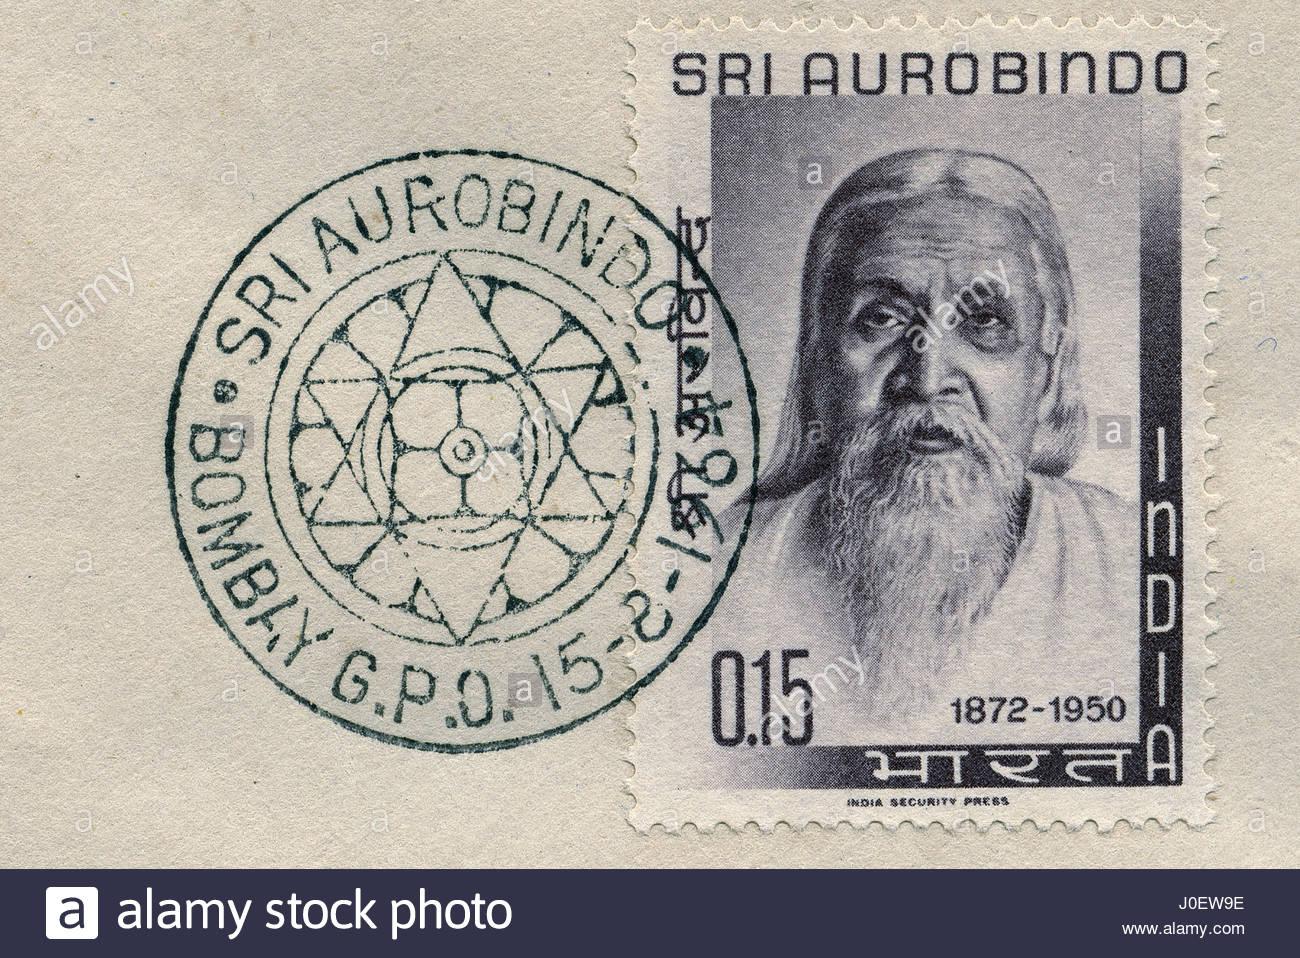 Sri Aurobindo post stamp